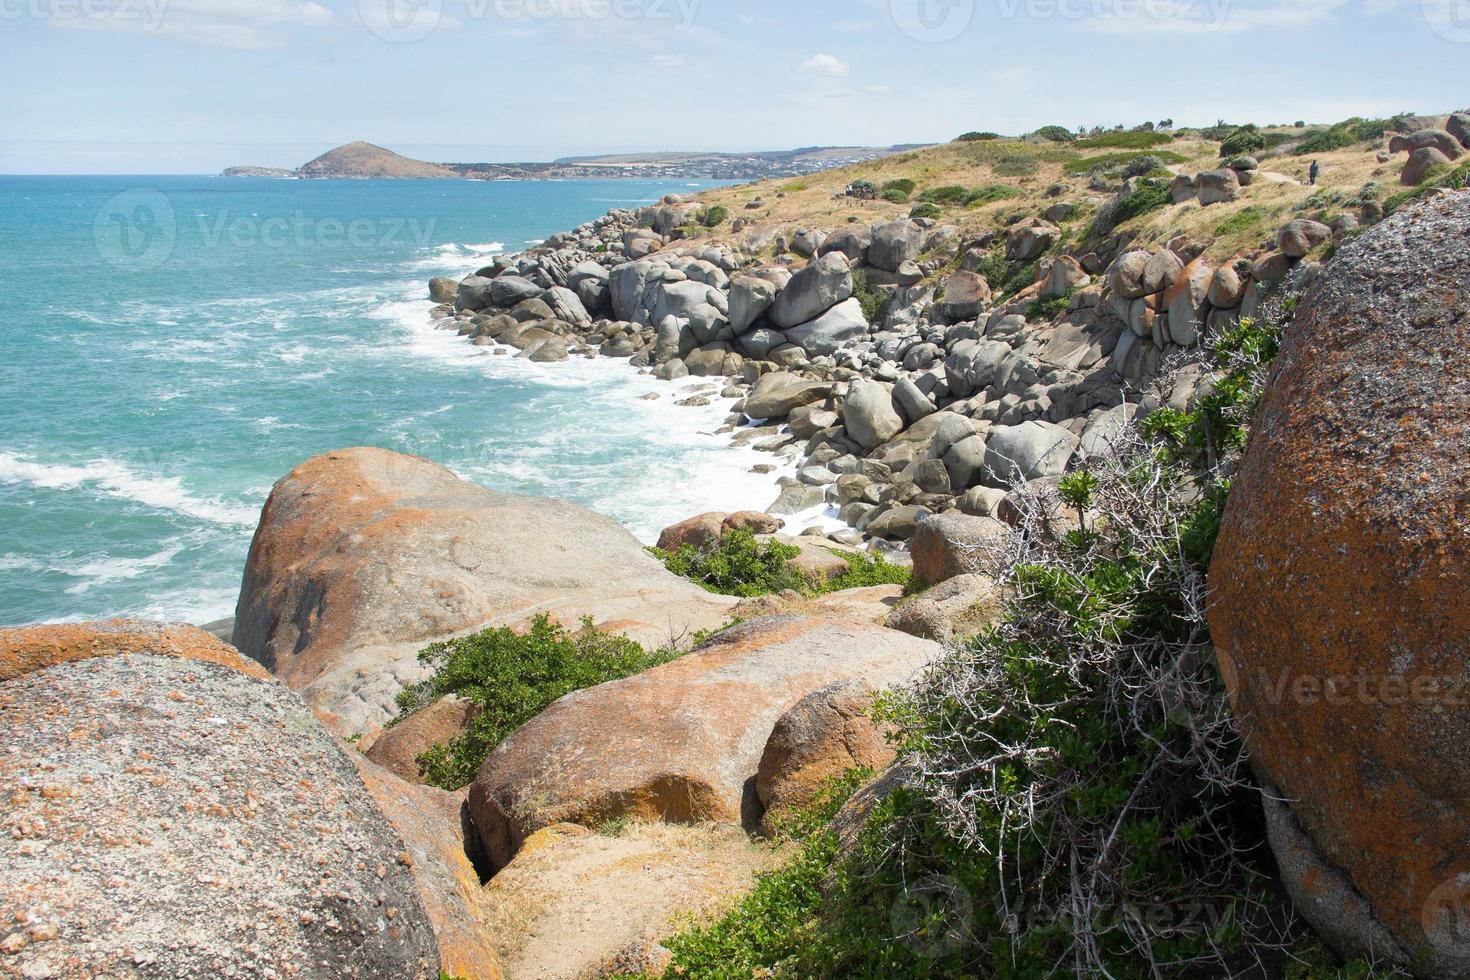 bellissima spiaggia rocciosa foto